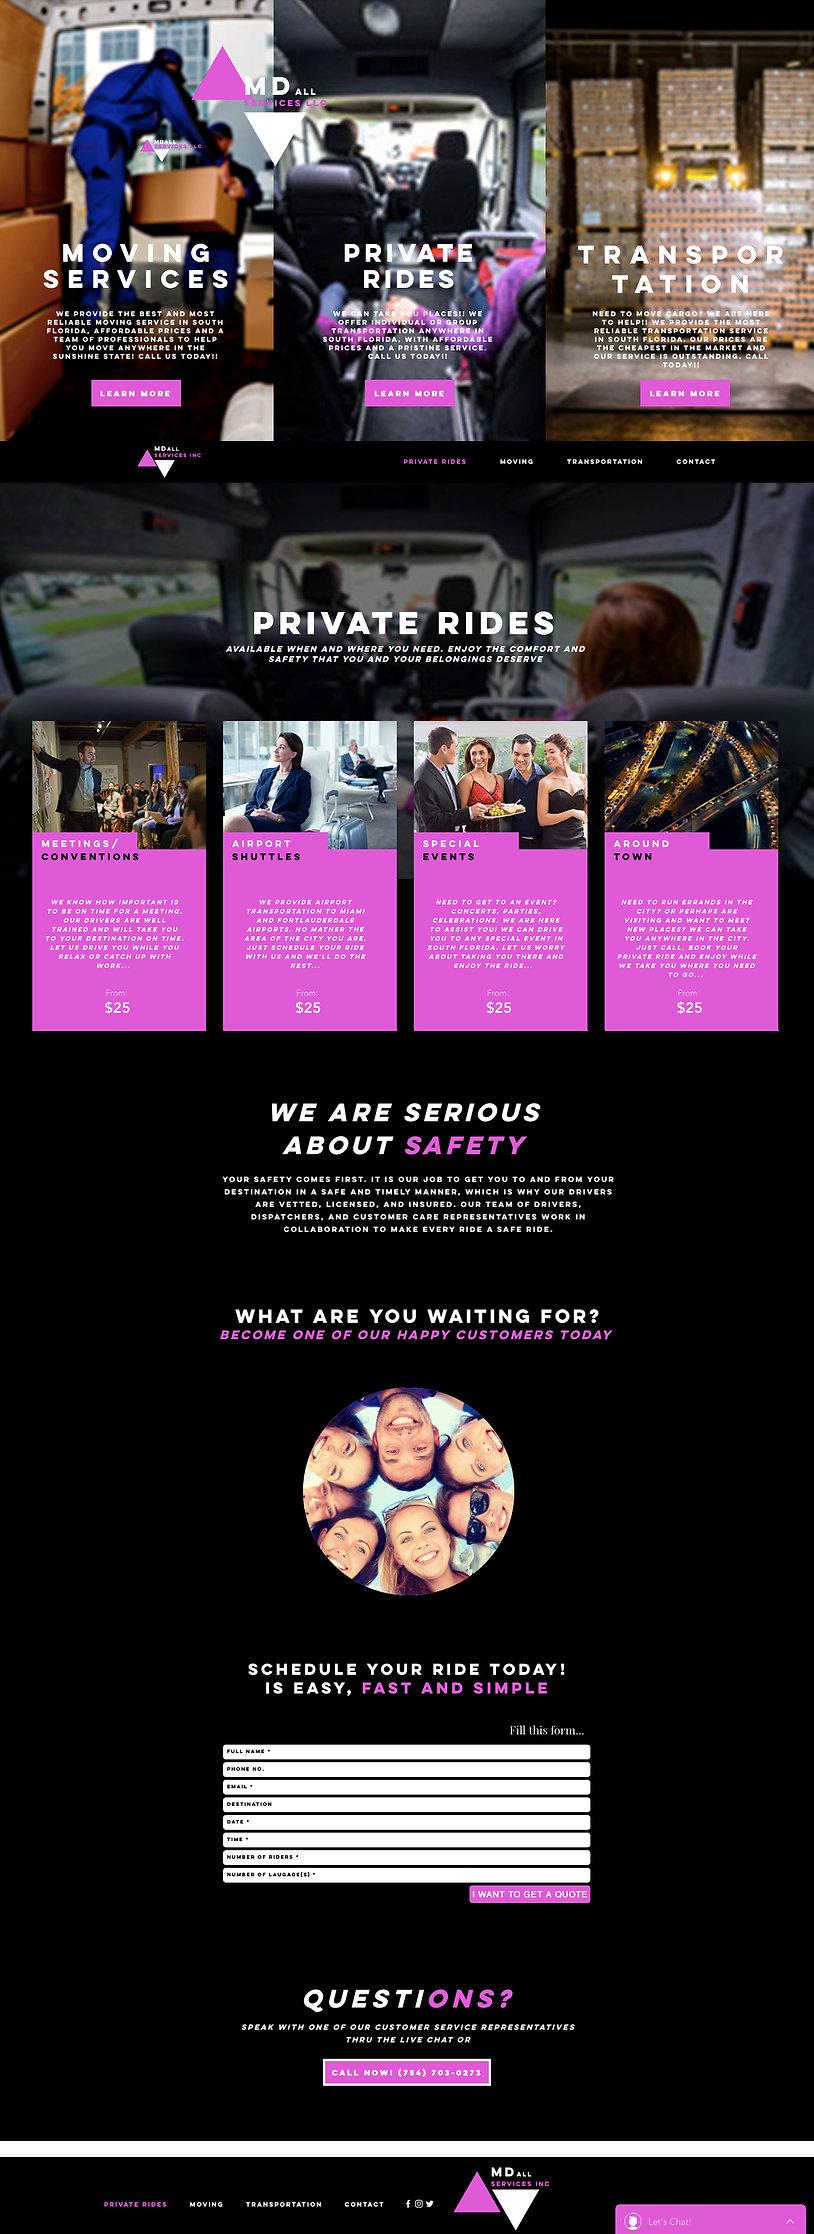 pembroke-pines-website-design-md-all-services.jpg